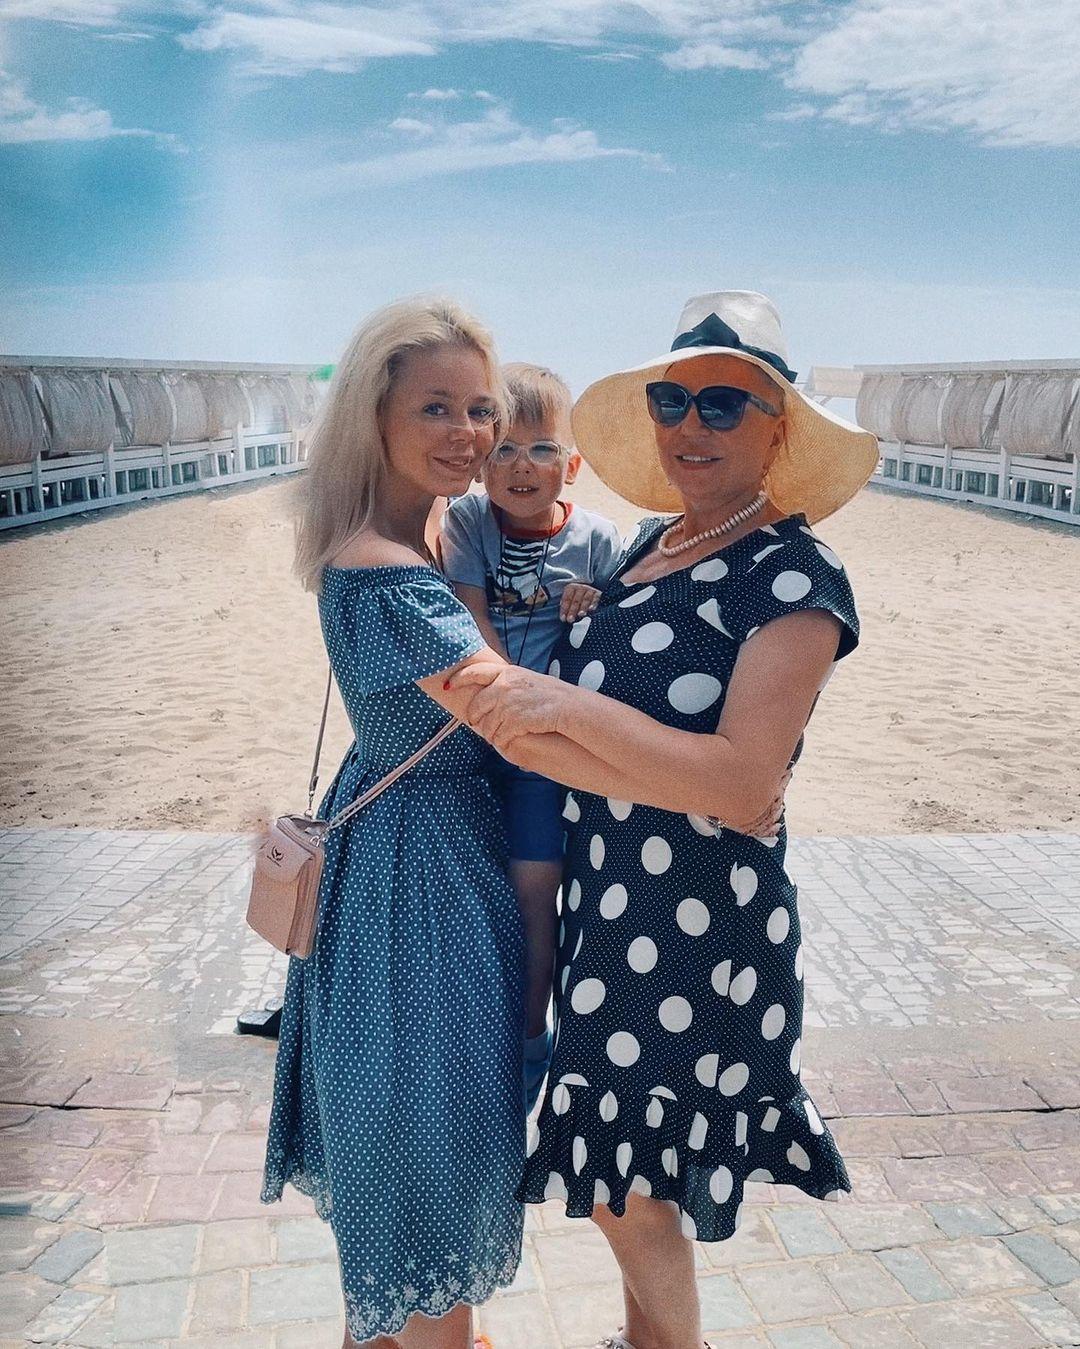 Аліна Гросу зізналася, коли планує стати матір'ю